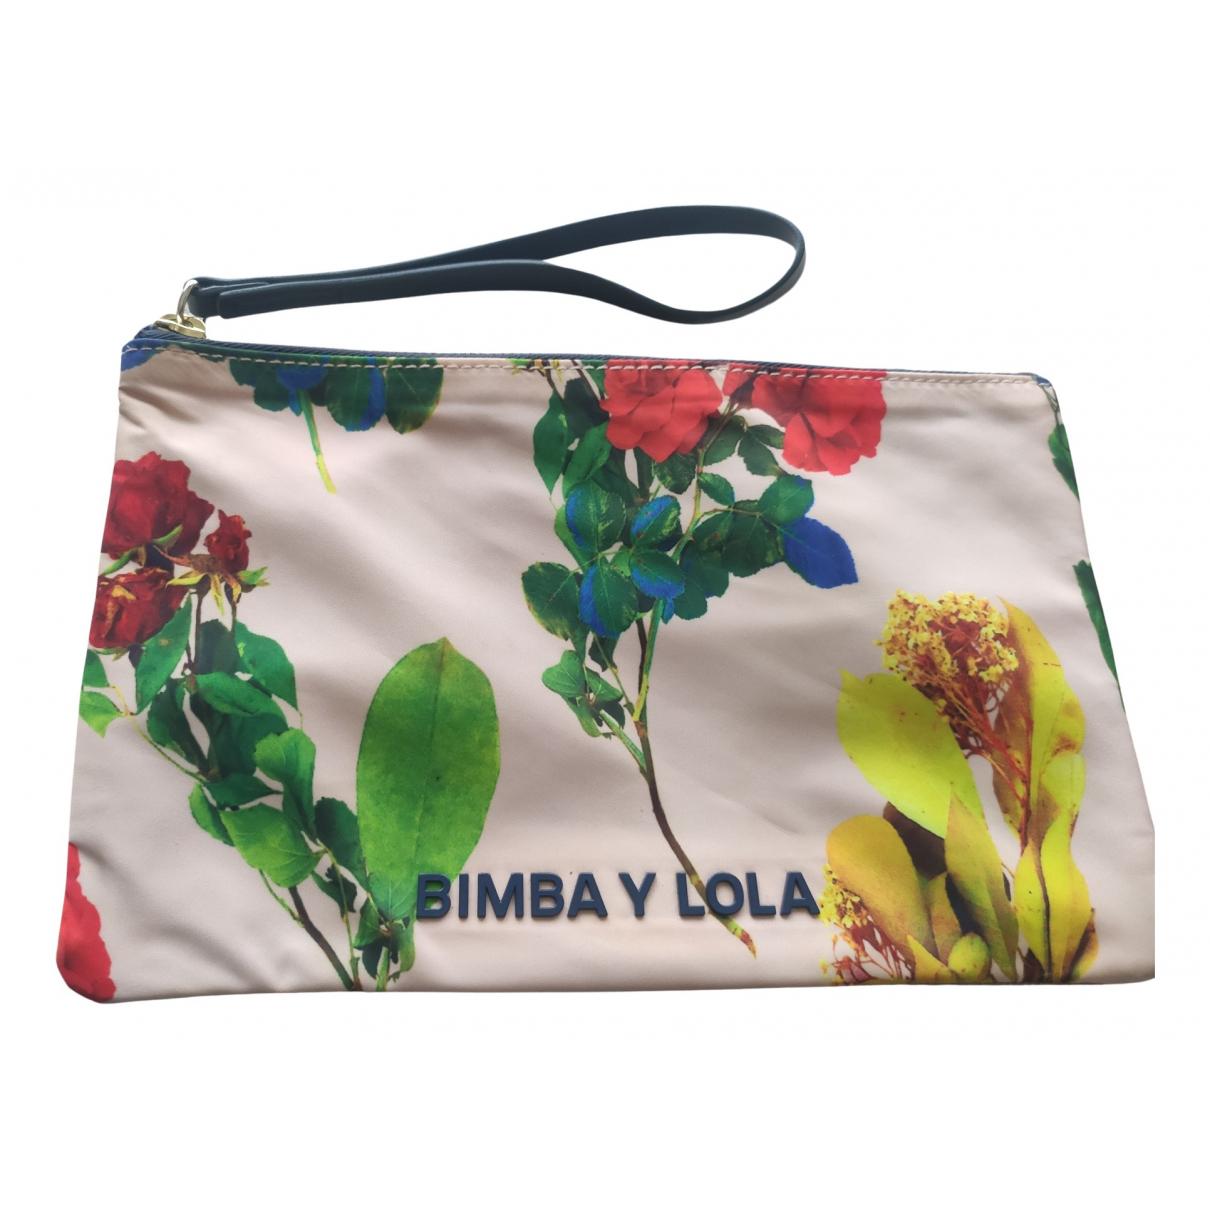 Bimba Y Lola - Pochette   pour femme - multicolore